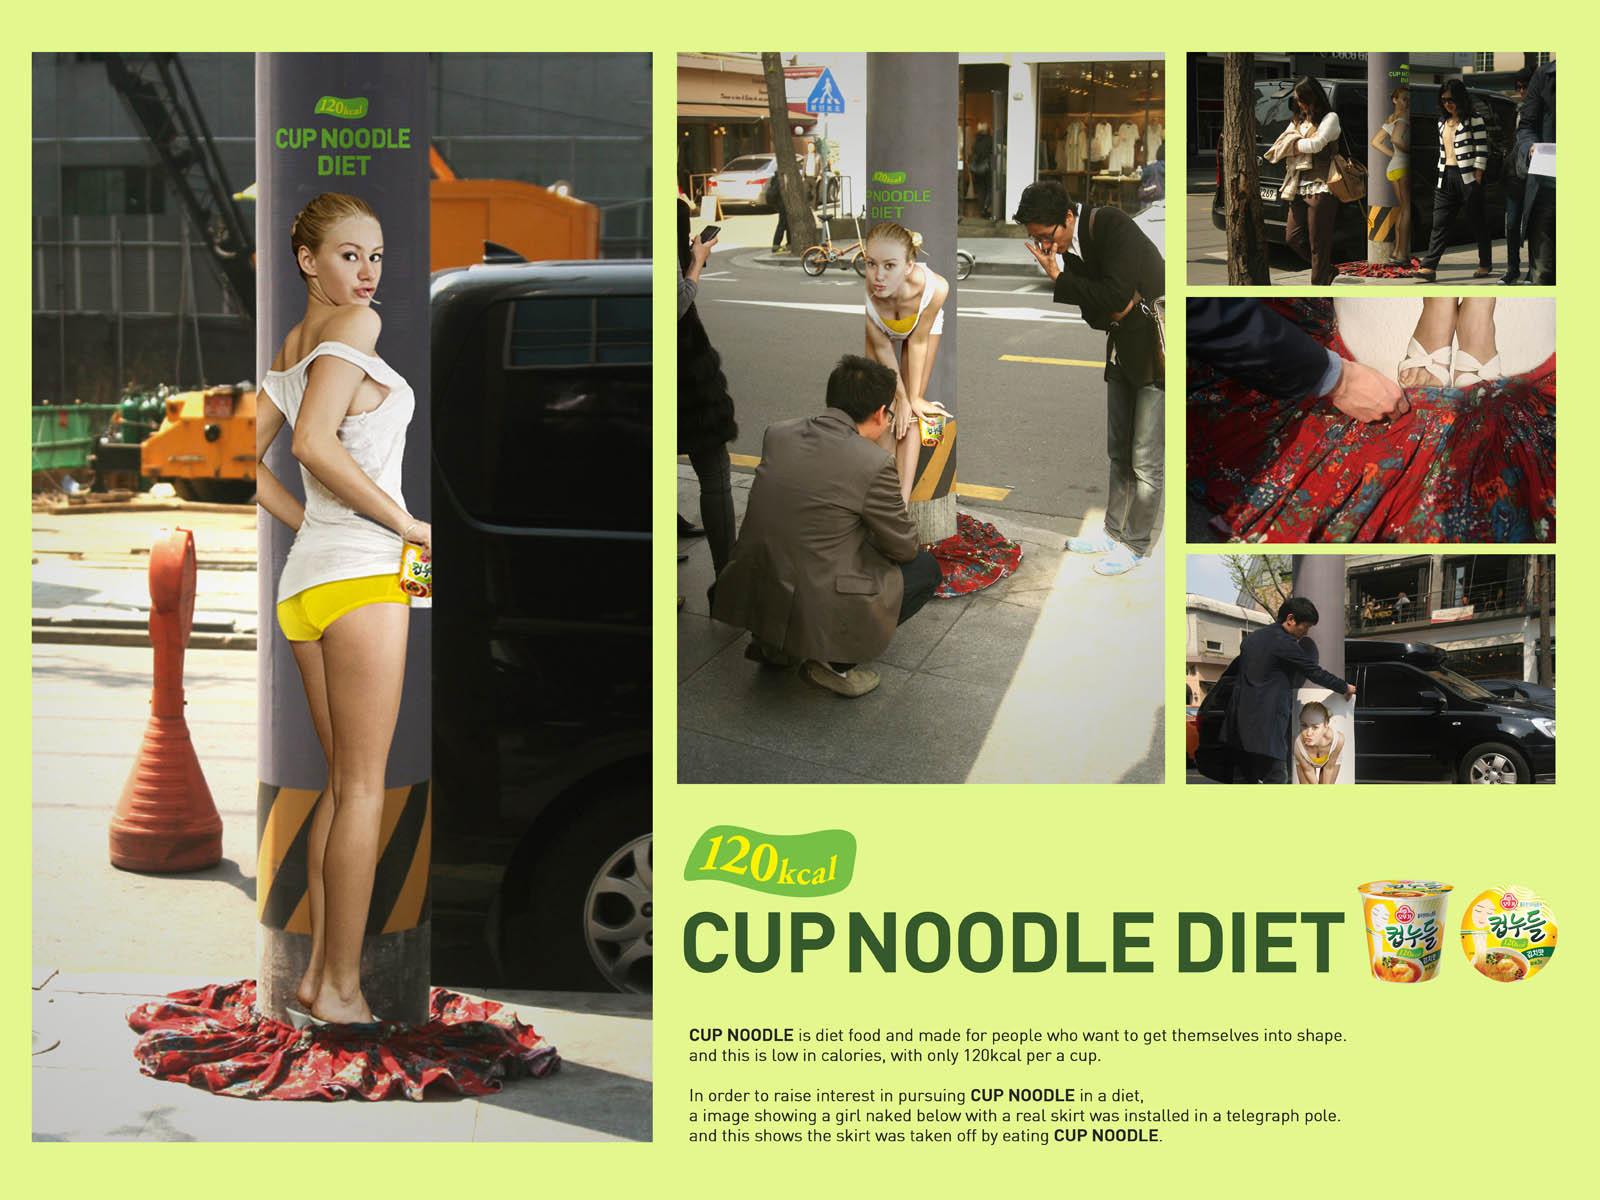 Cup Noodle Diet